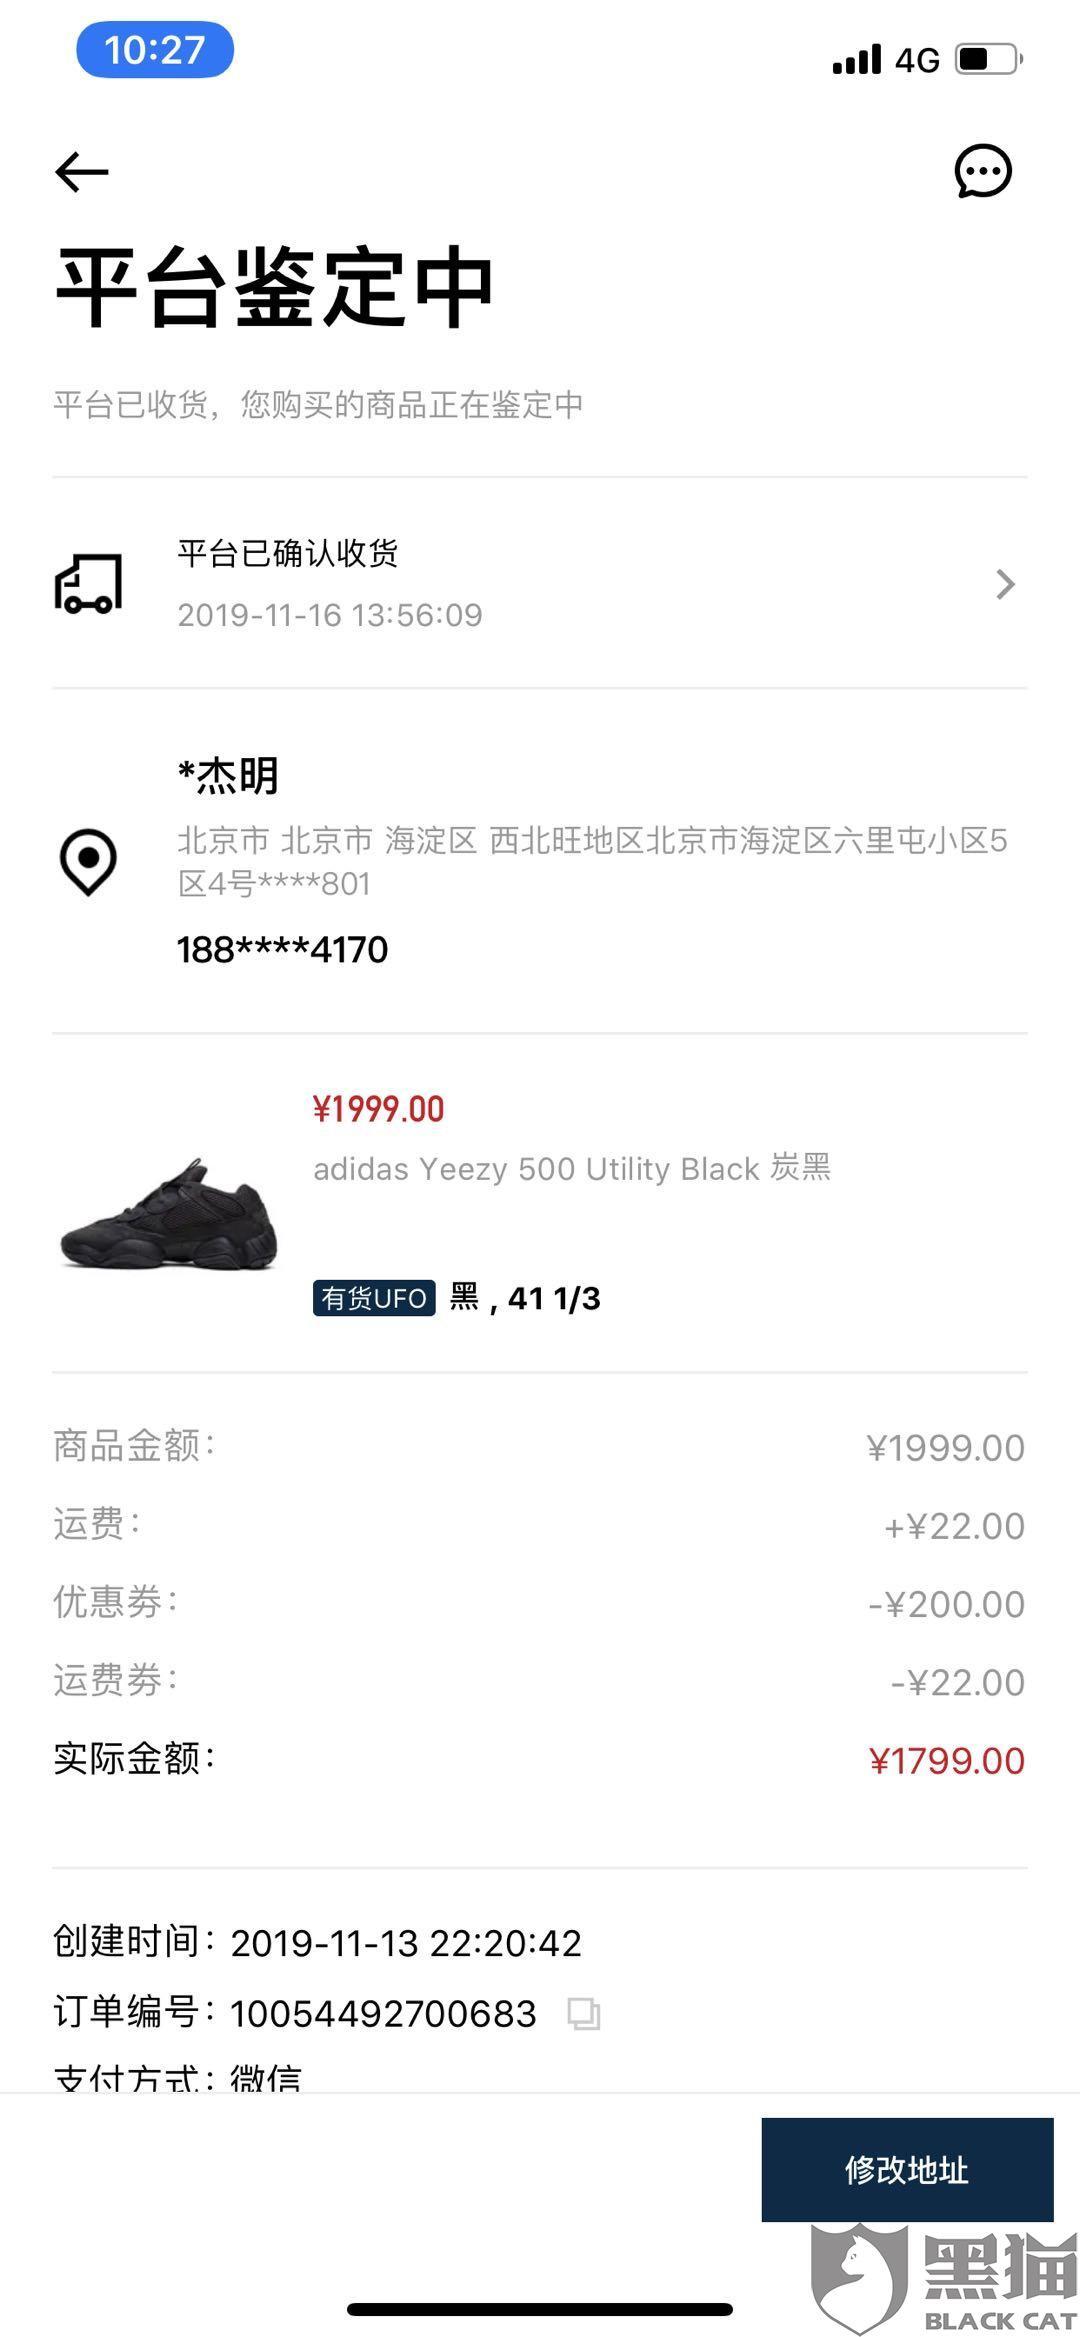 黑猫投诉:有货ufo收到鞋半个月后不发货 也不退钱